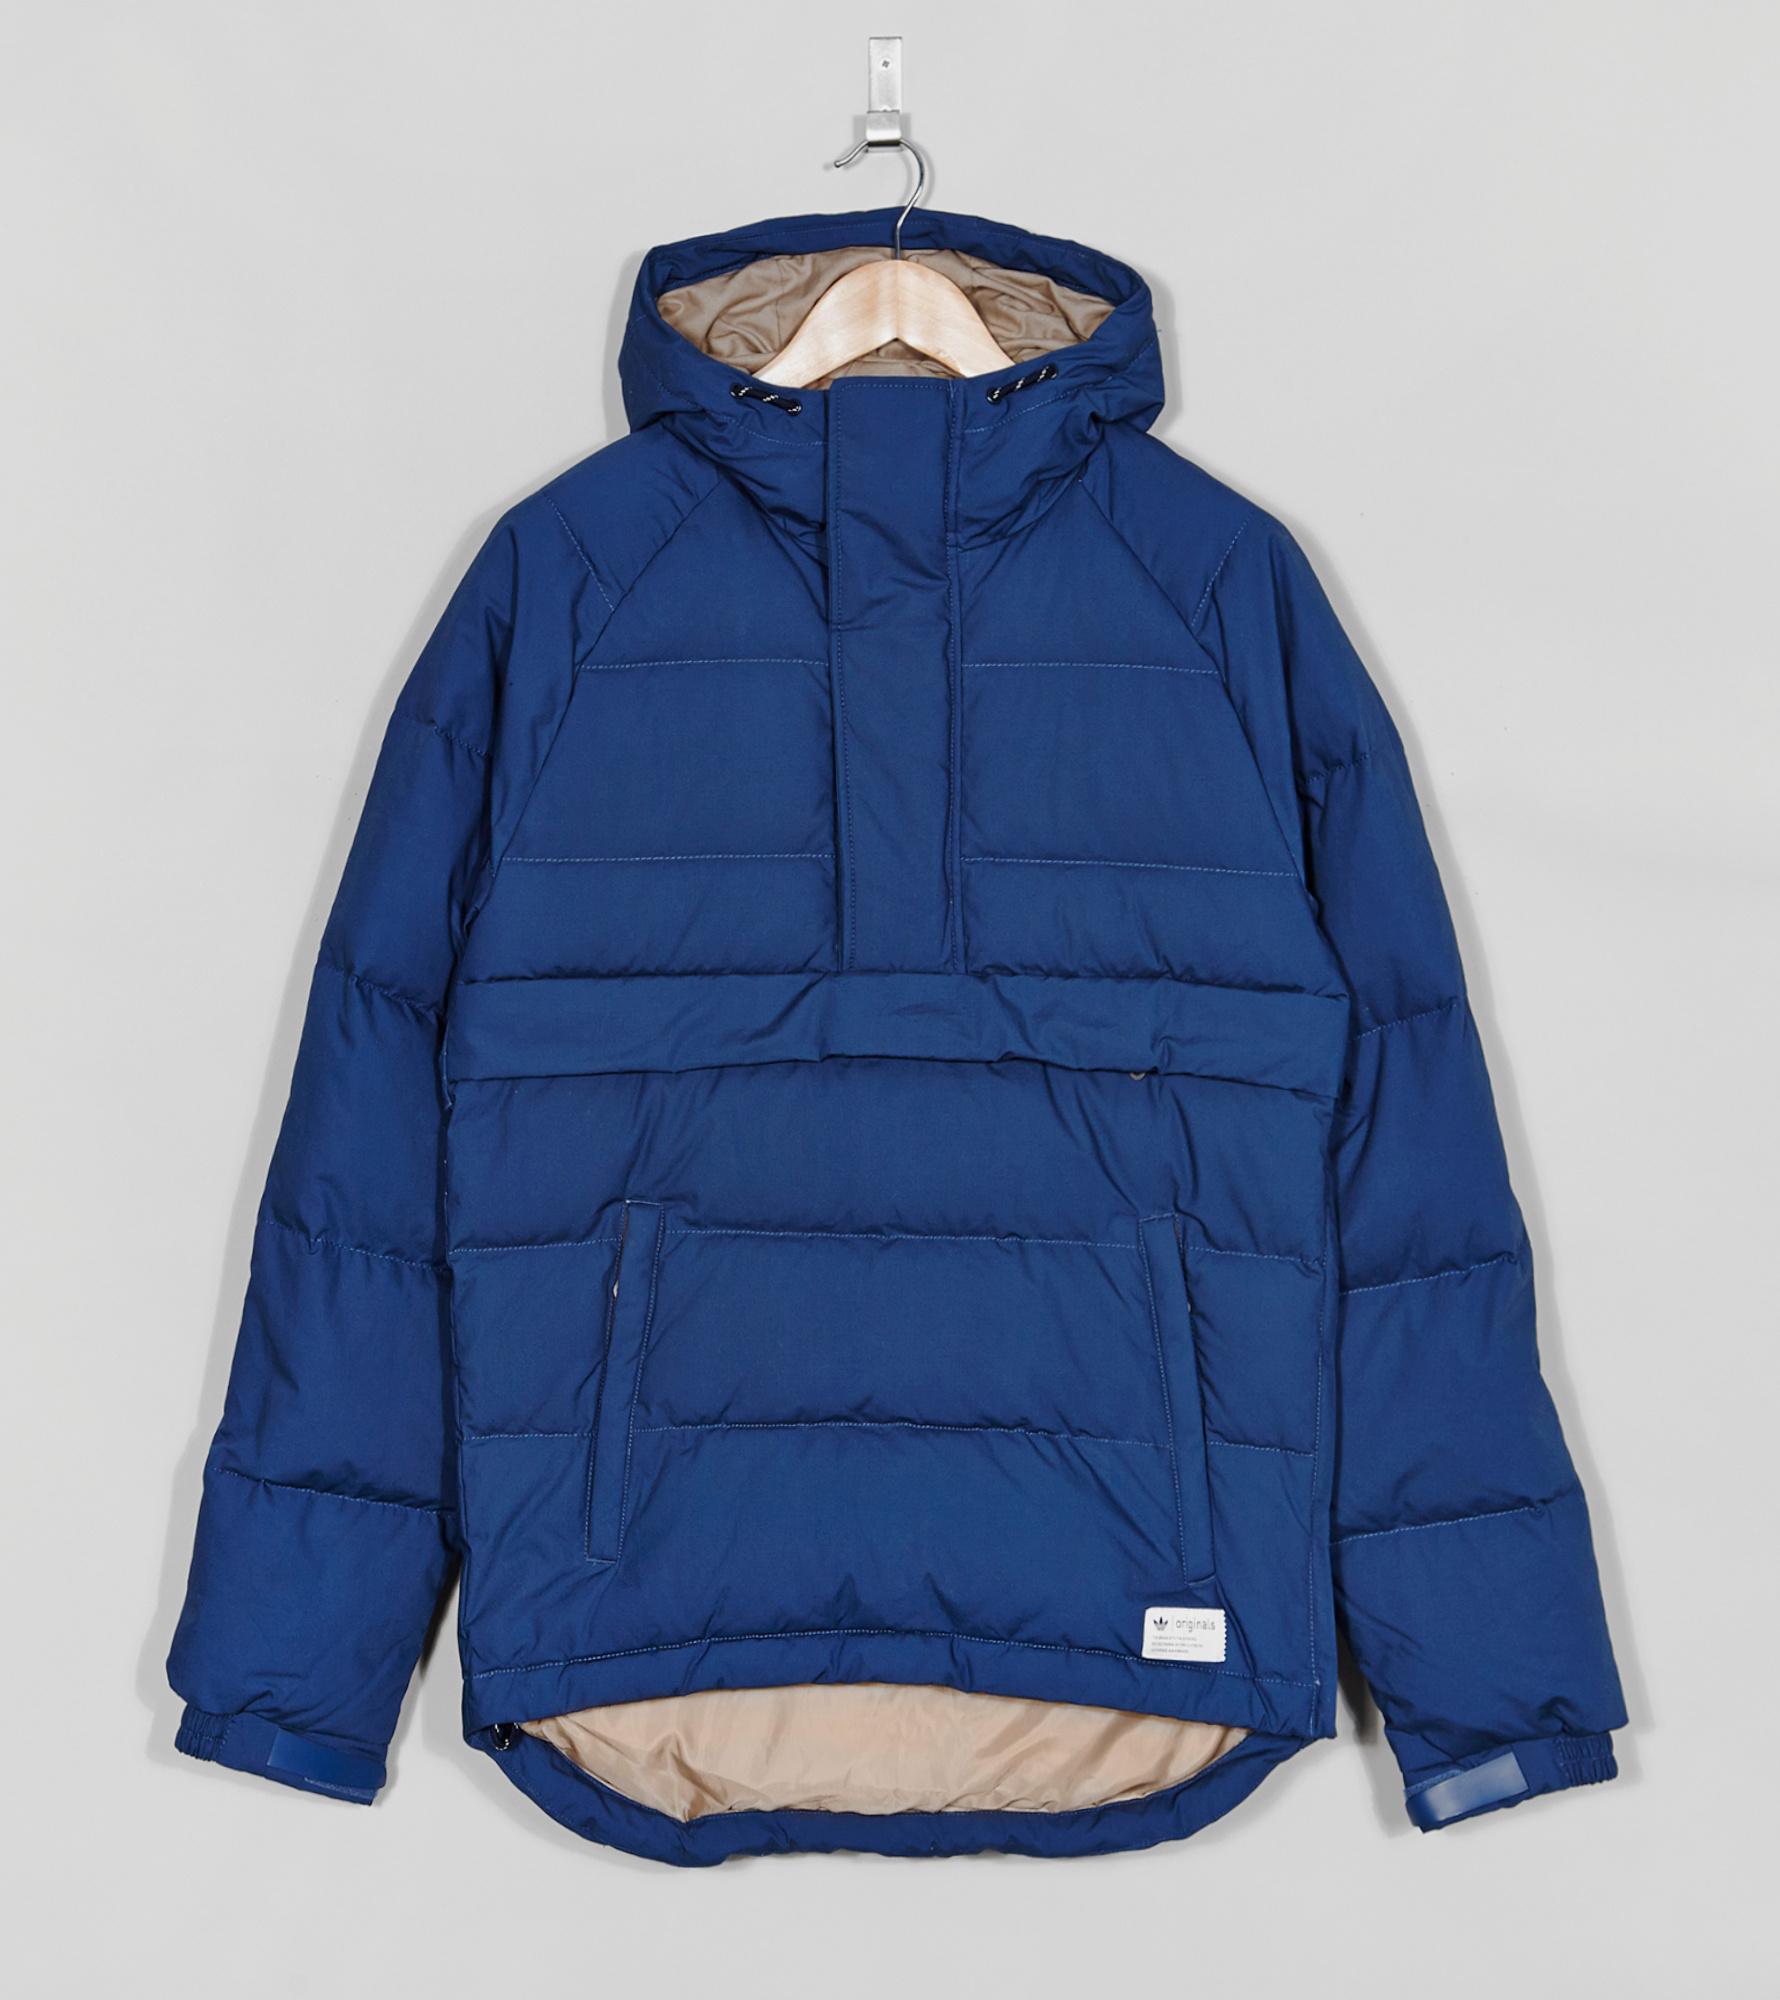 Adidas originals parka blue